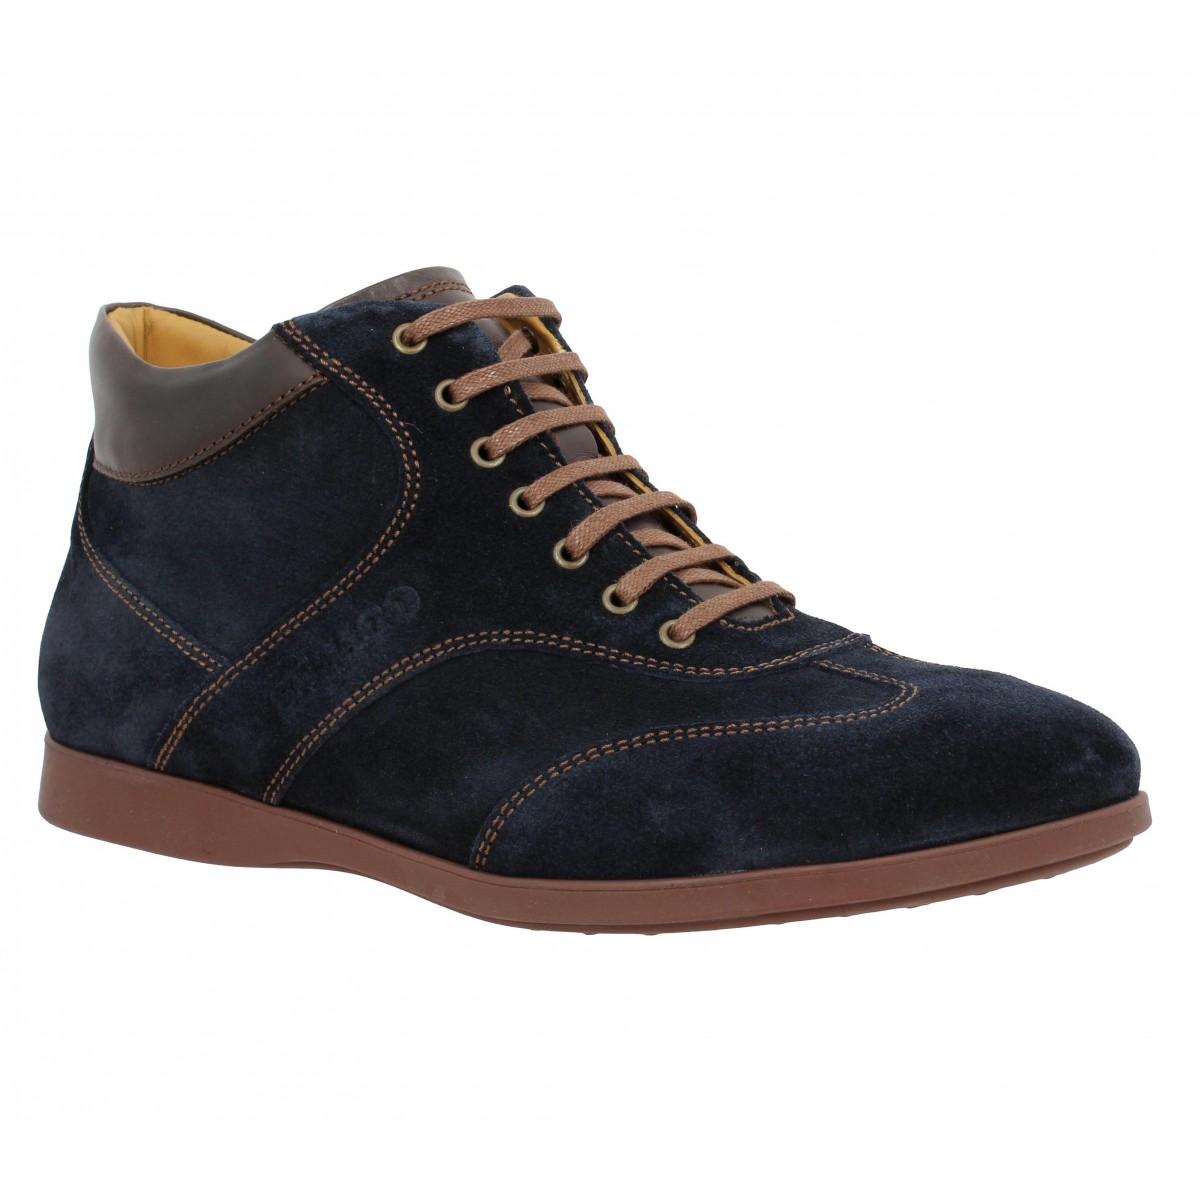 les chaussures sebago l esprit d aventure et l l gance urbaine blog fanny chaussures. Black Bedroom Furniture Sets. Home Design Ideas